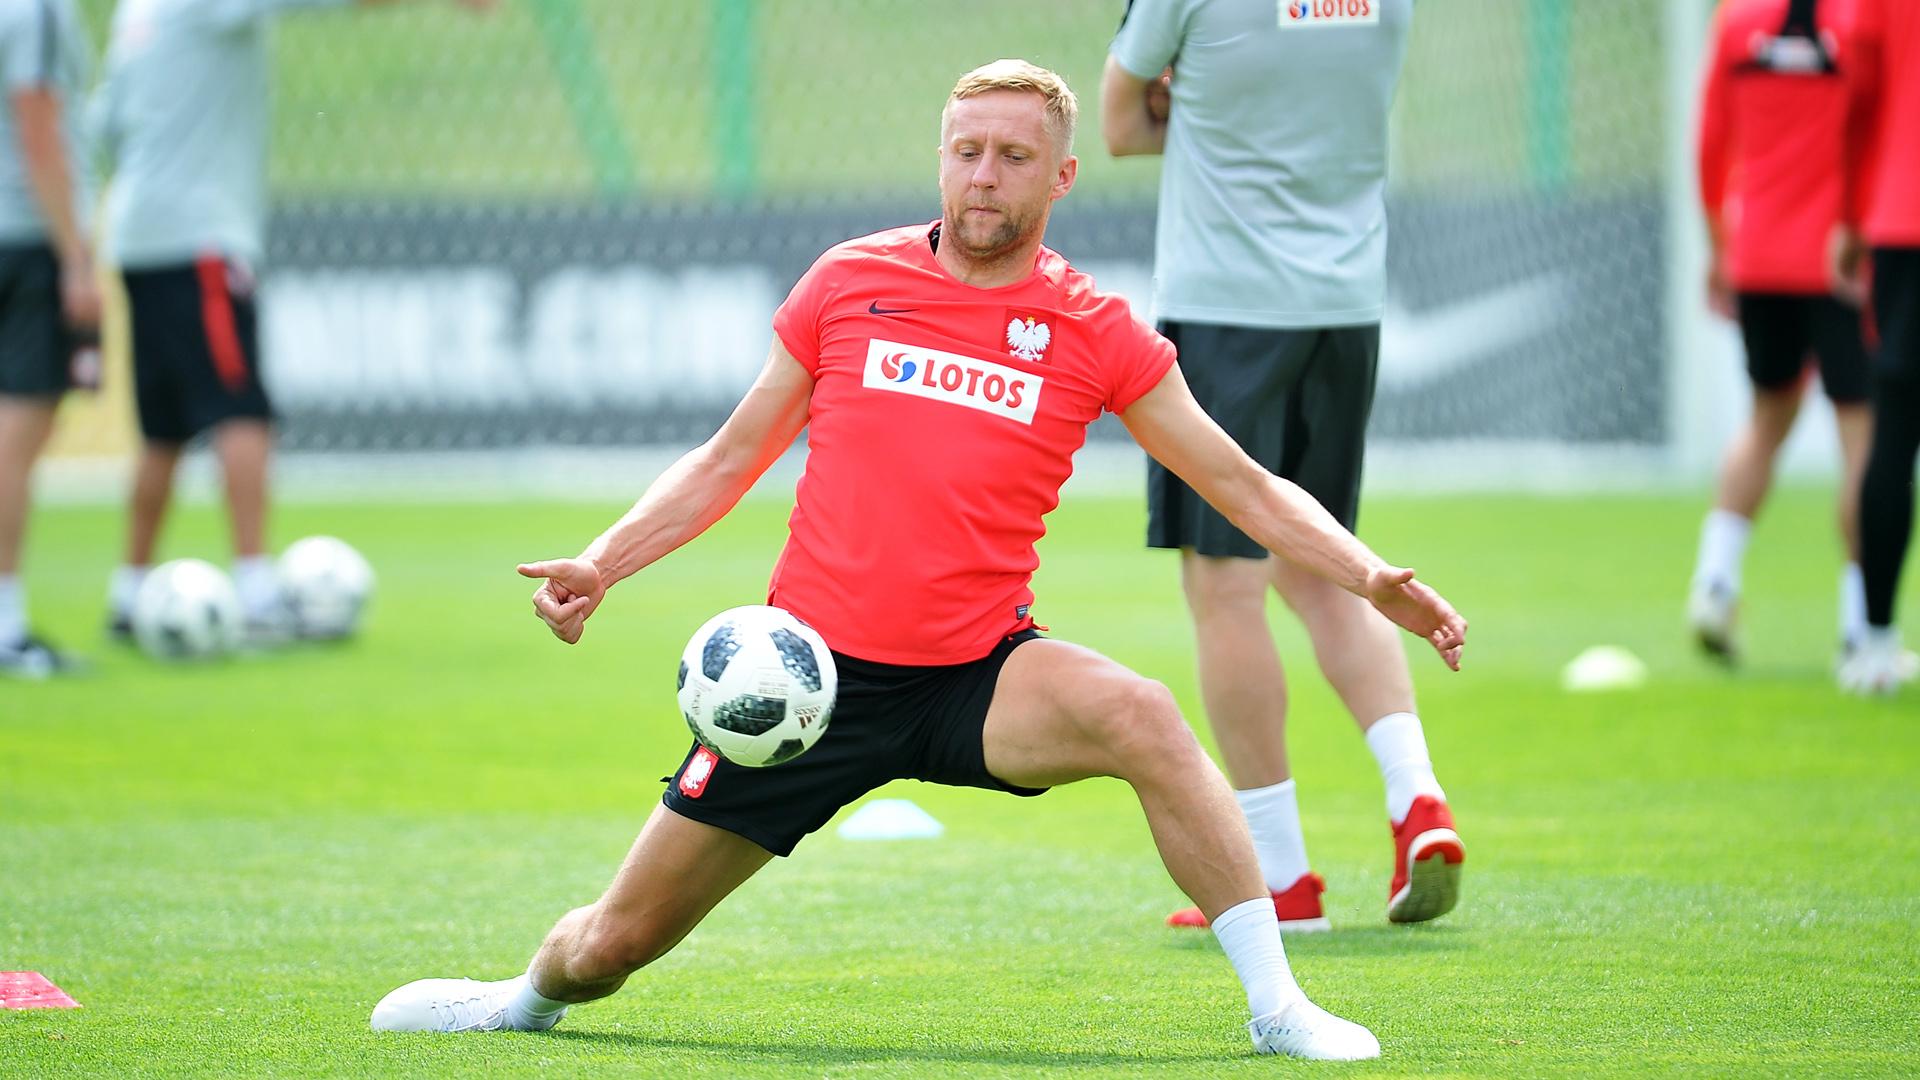 OFFICIEL - Kamil Glik quitte l'AS Monaco